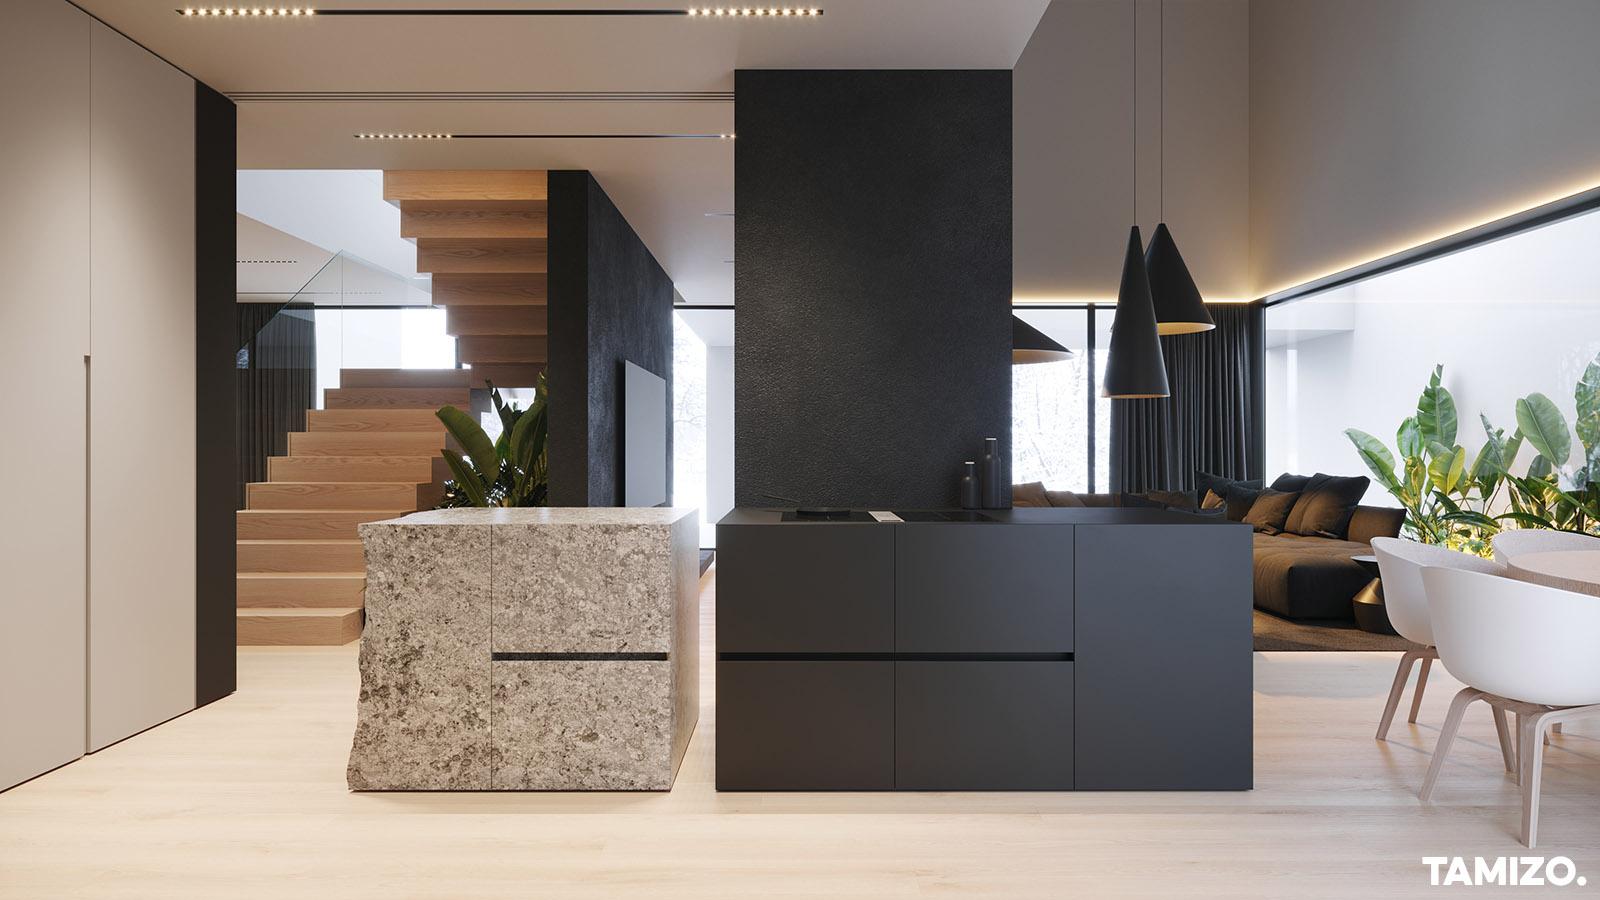 I089_tamizo_architects_projekt-wnetrz-interior-design-dom-minimal-house-gorzow-wielkopolski-03